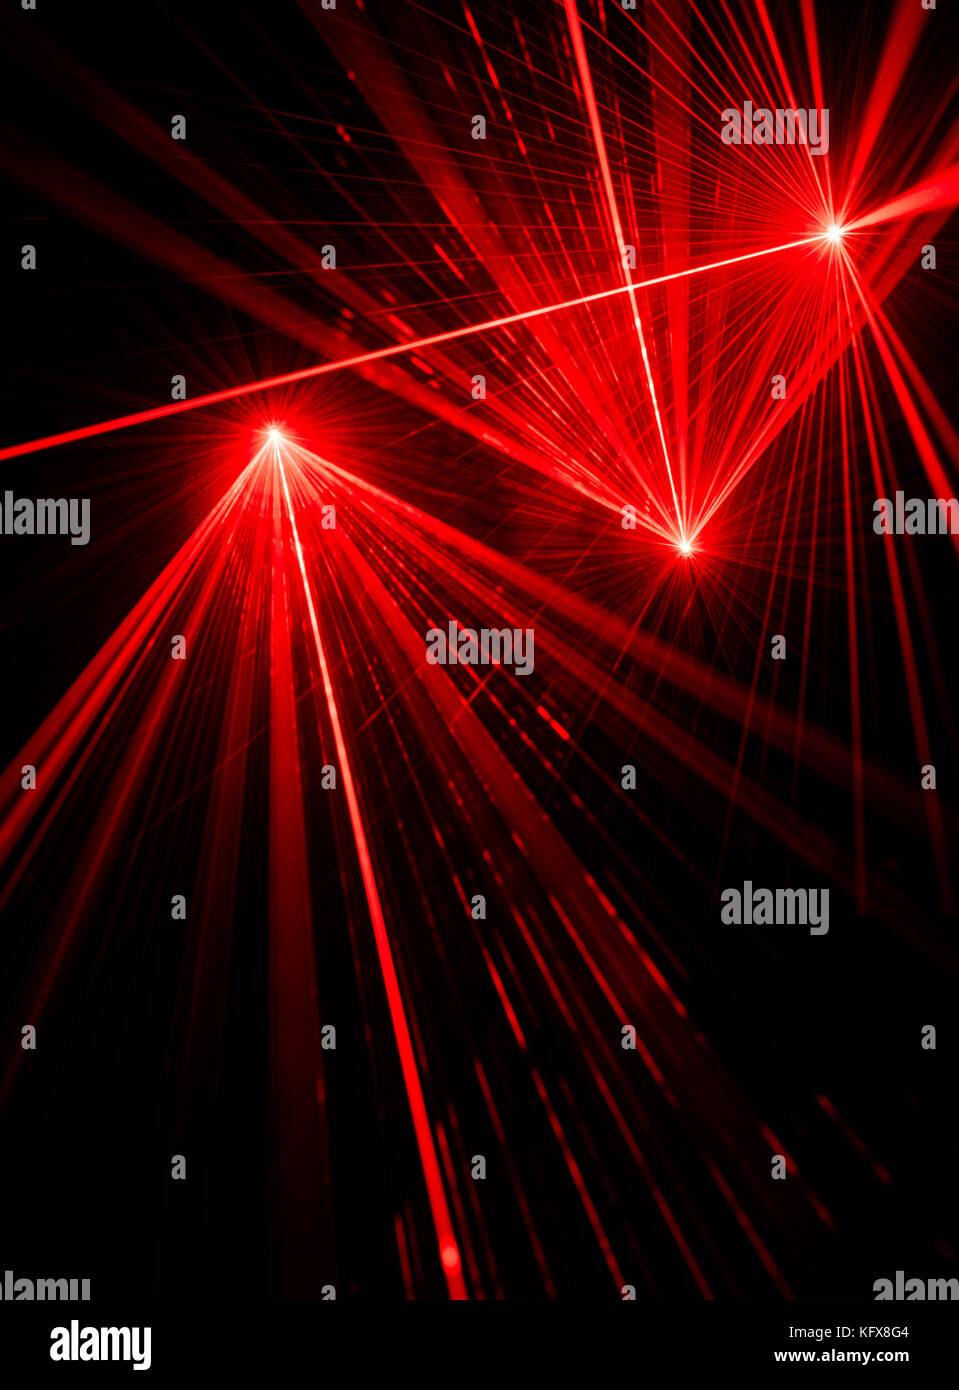 Il Raggio Laser Rosso Gli Effetti Di Luce Su Sfondo Nero Foto